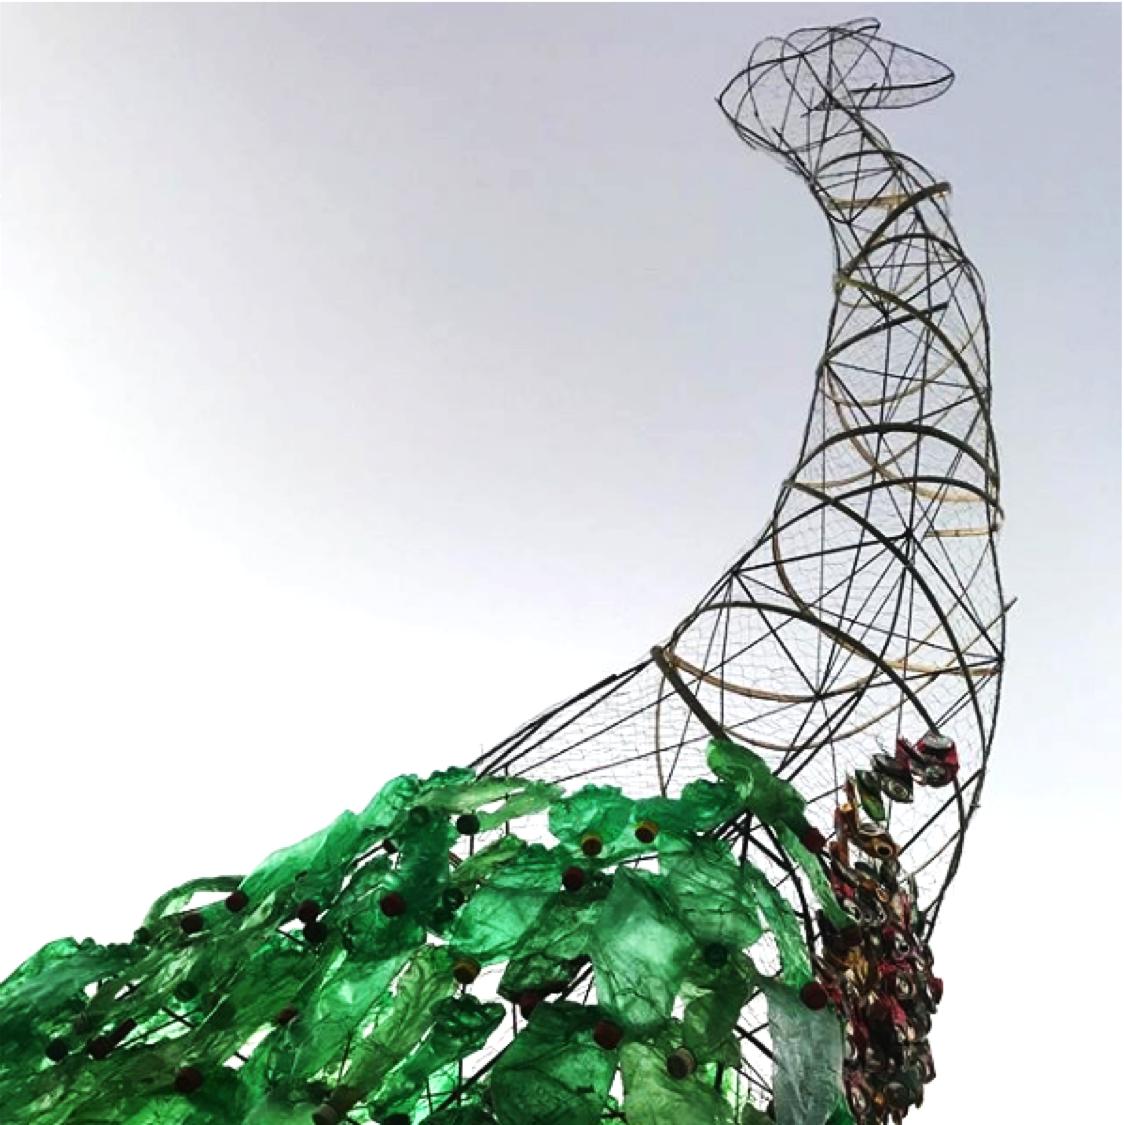 Dinossauro gigante construído em Brasília por Maria Koijck em parceria com a comunidade local, em comemoração ao Congresso.